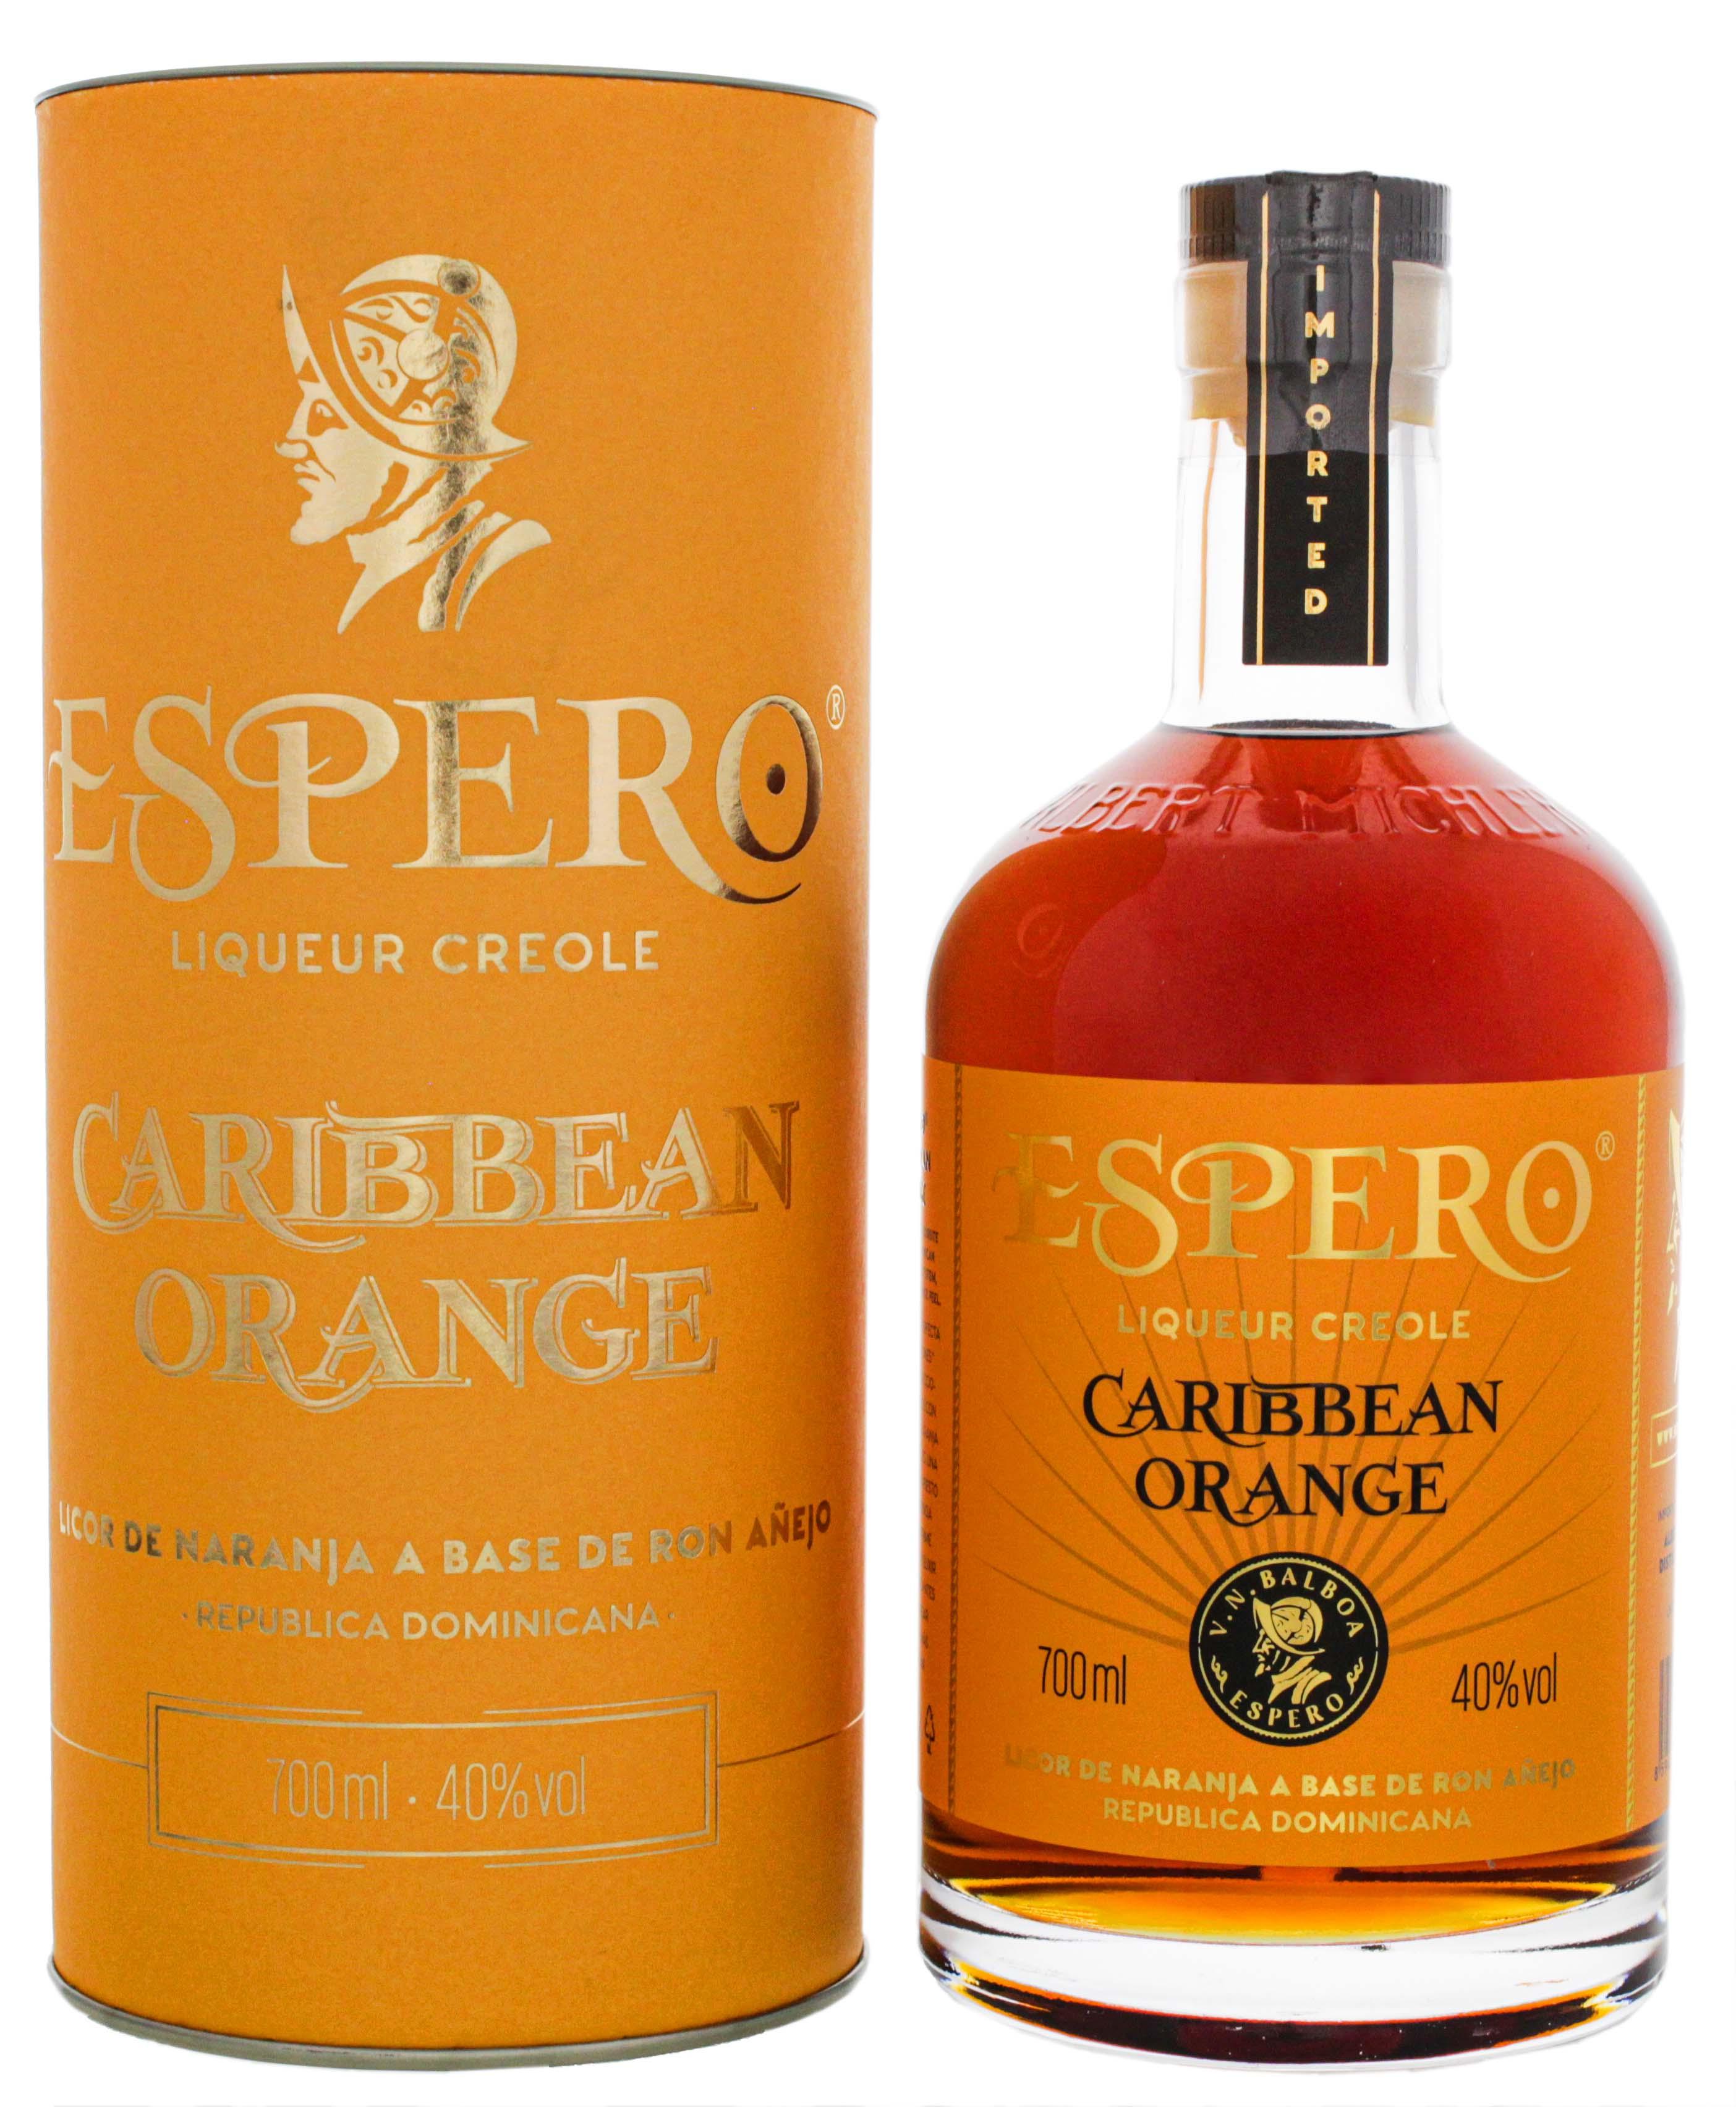 Espero Creole Caribbean Orange 0,7L